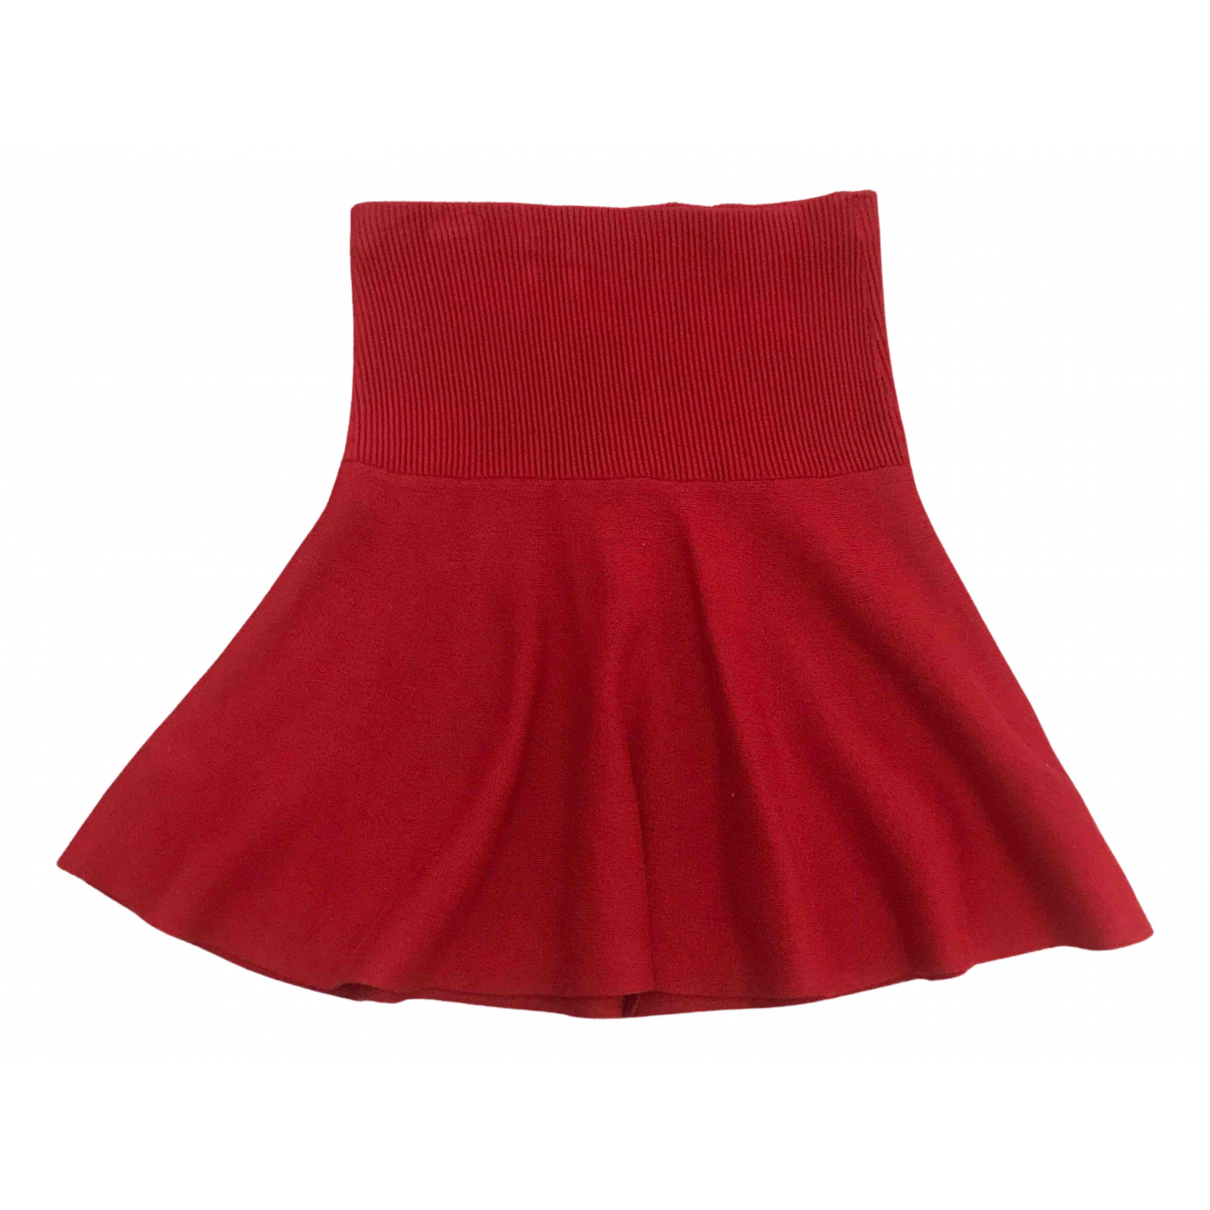 Zara \N Rocke in  Rot Wolle